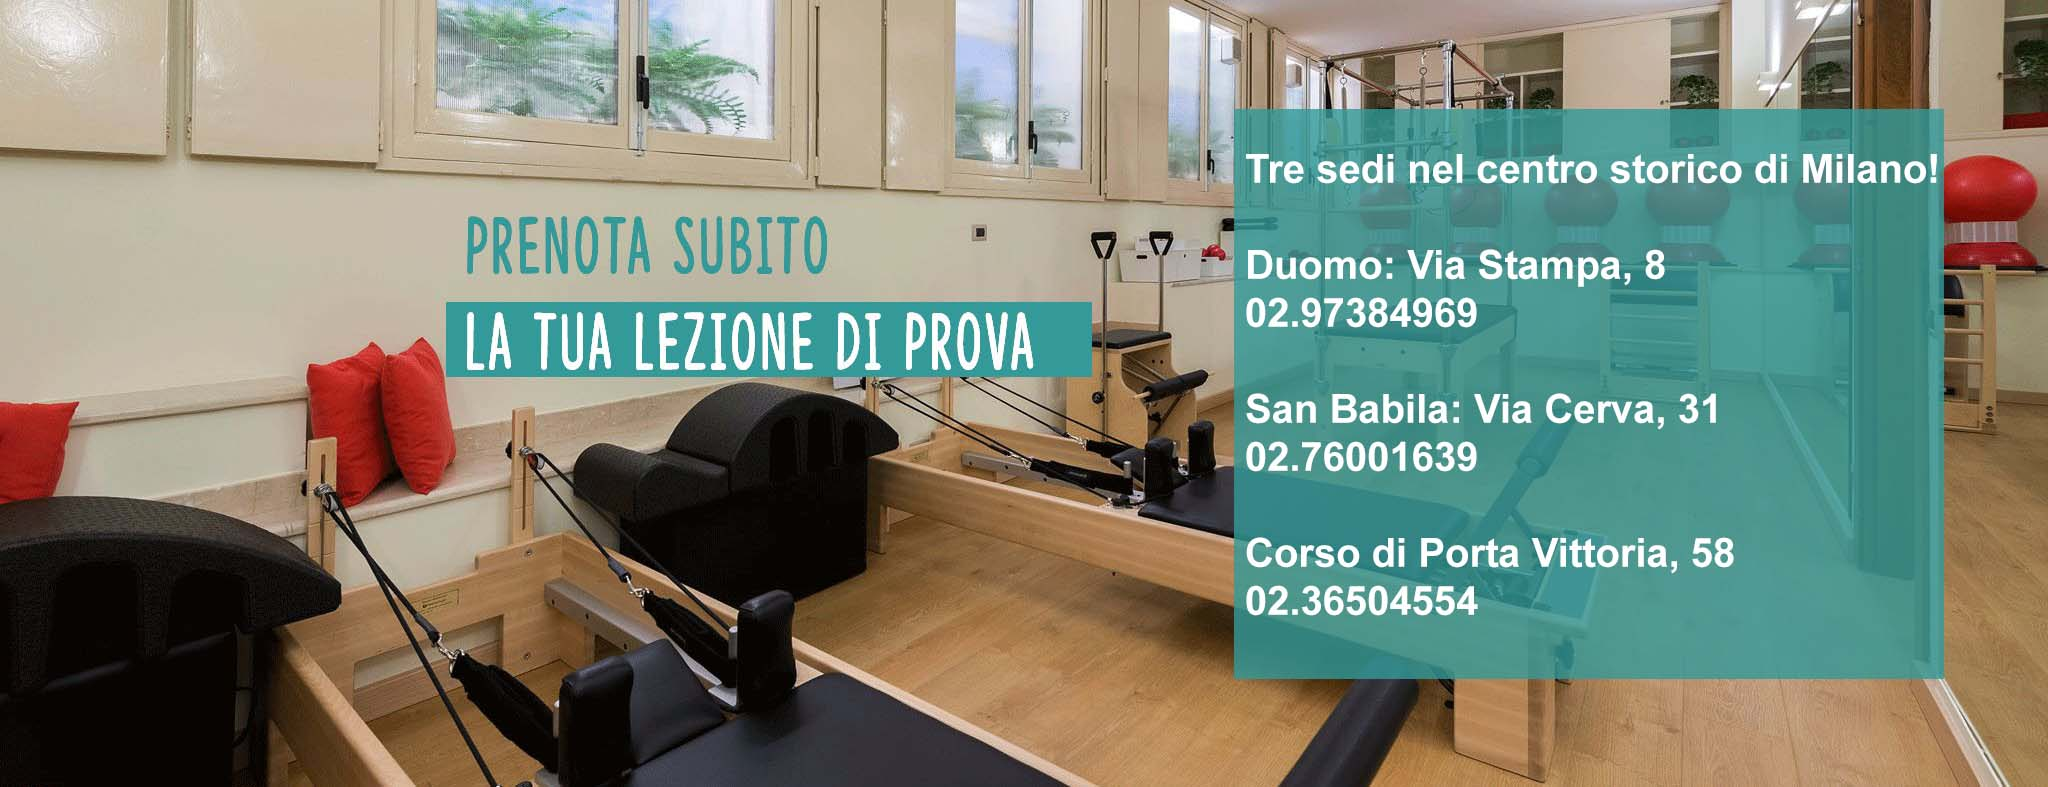 Palestra Pilates Precotto Milano - Prenota subito la tua lezione di prova